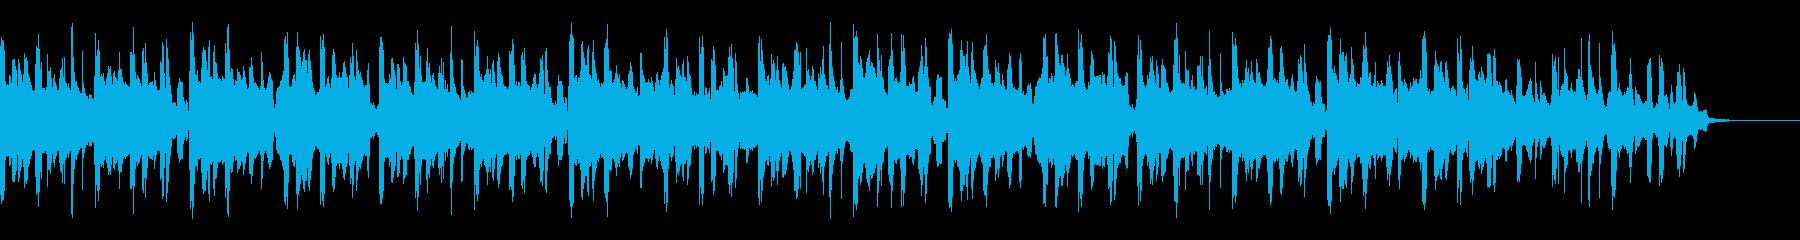 アコギと笛による日本神話的な曲の再生済みの波形